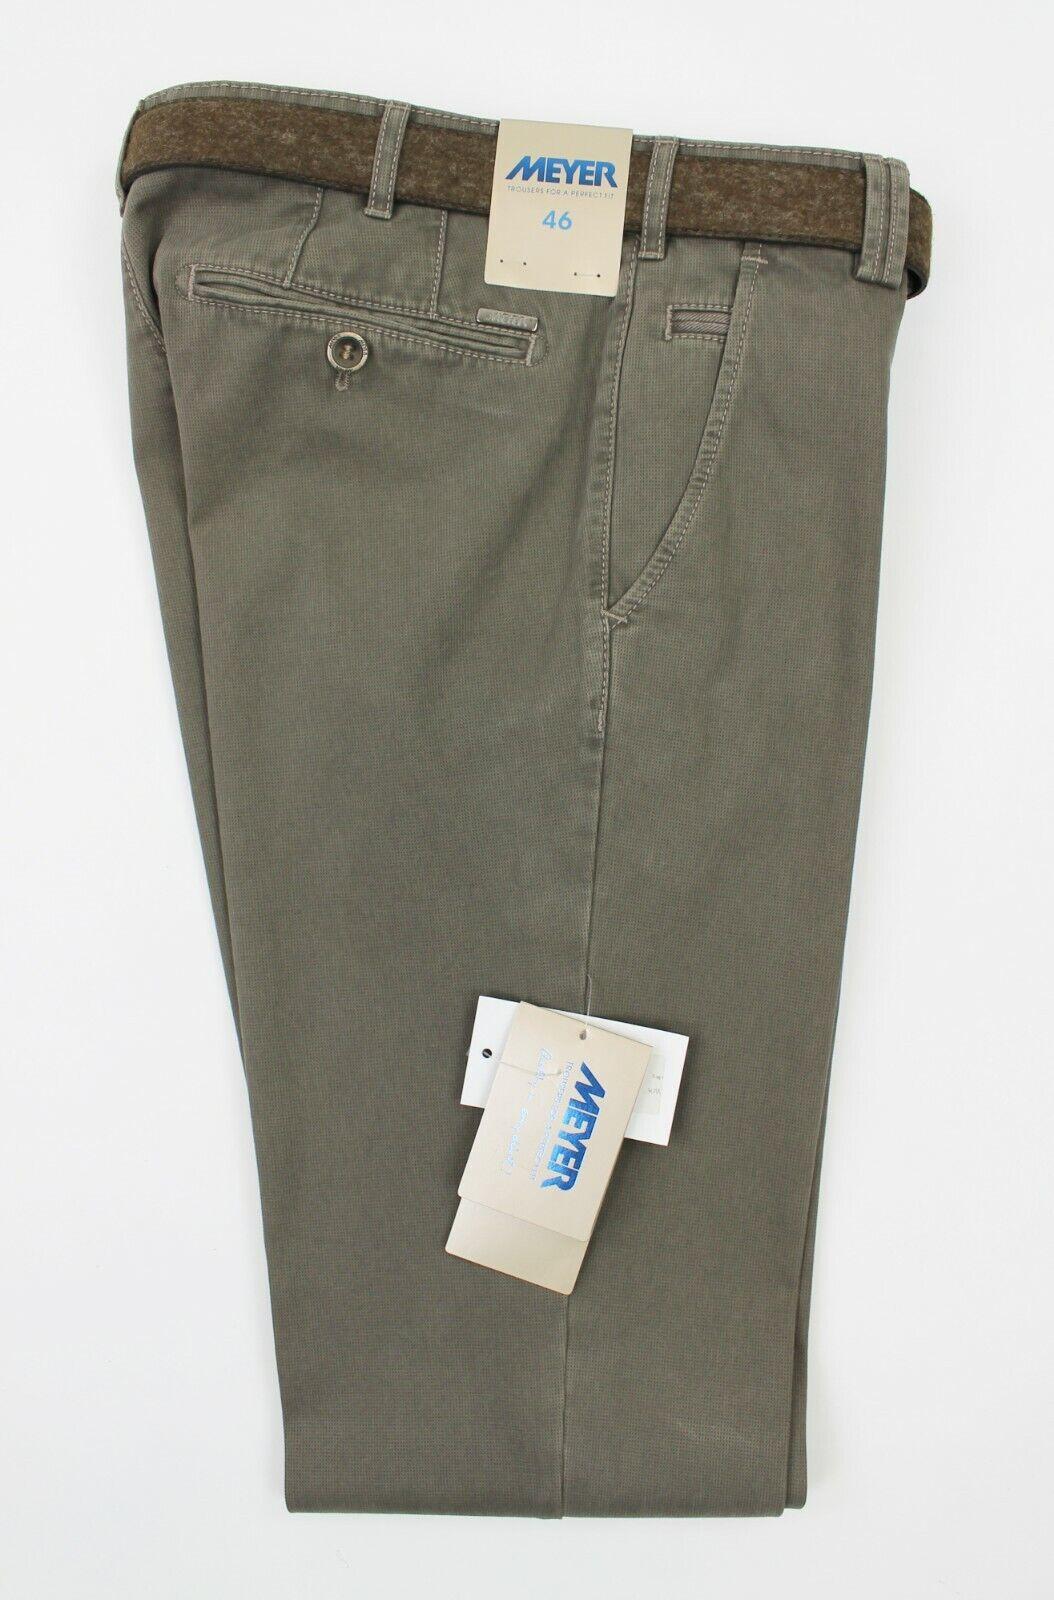 Meyer - Bonn Pima Cotton Trousers in Sage - 46   W30 L32 -  RRP